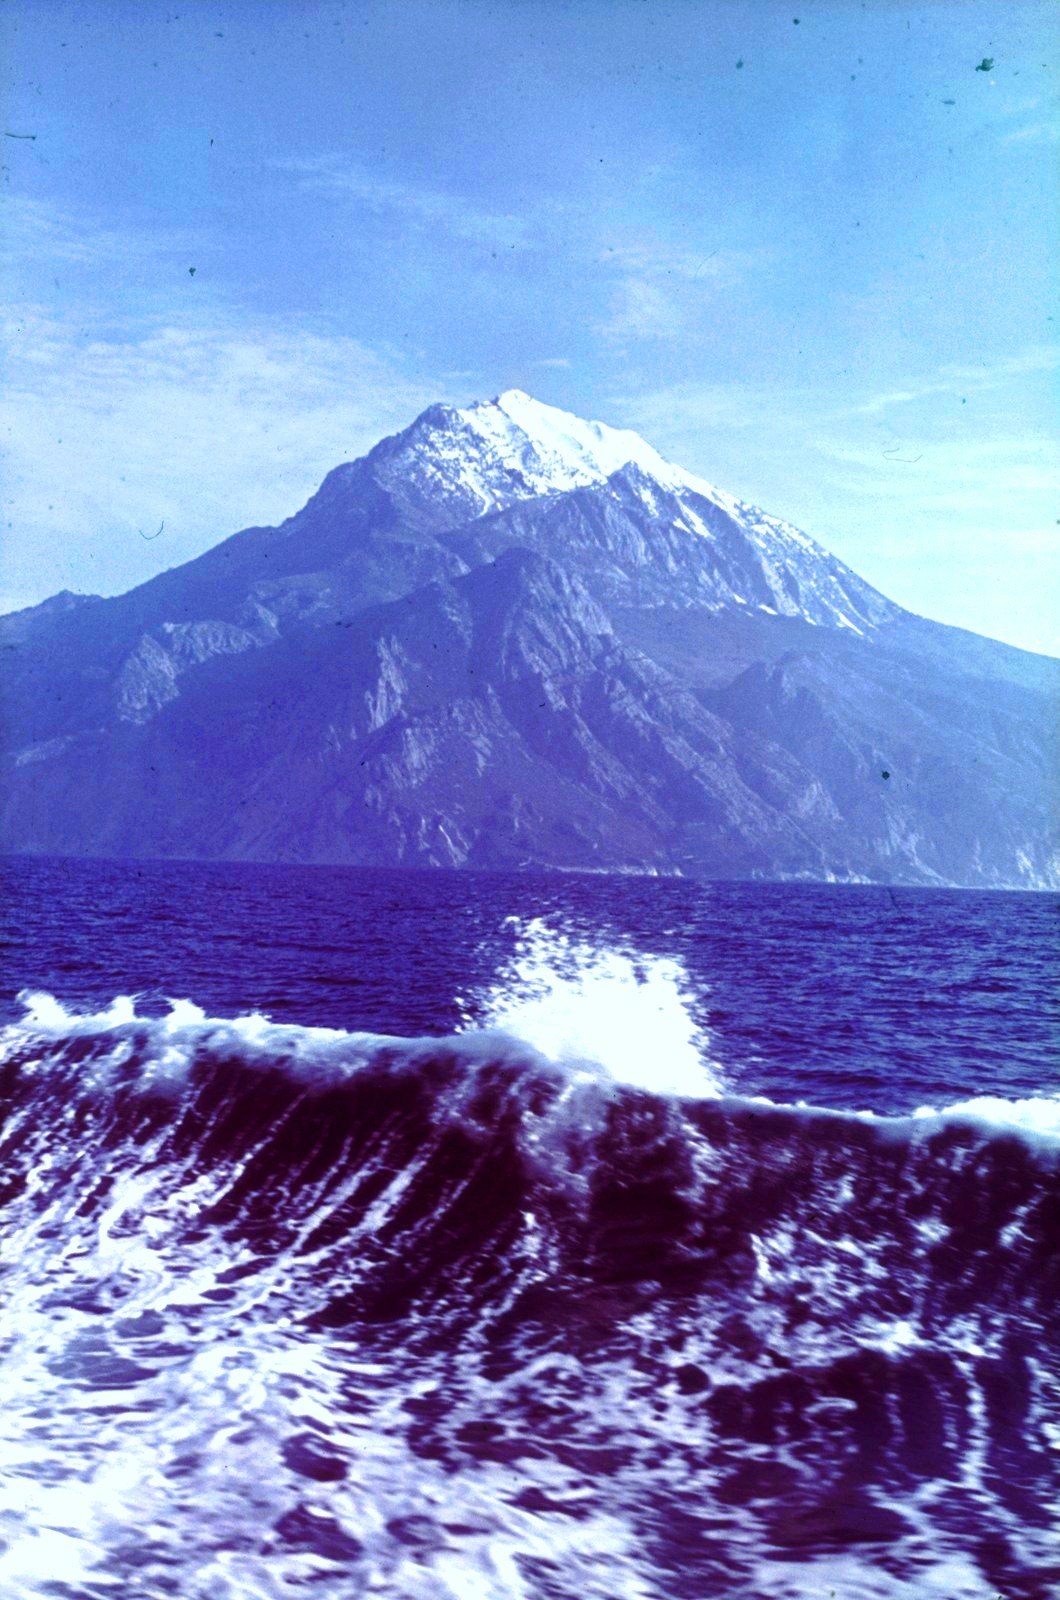 Вид с борта пассажирского судна на побережье с заснеженной скальной вершиной